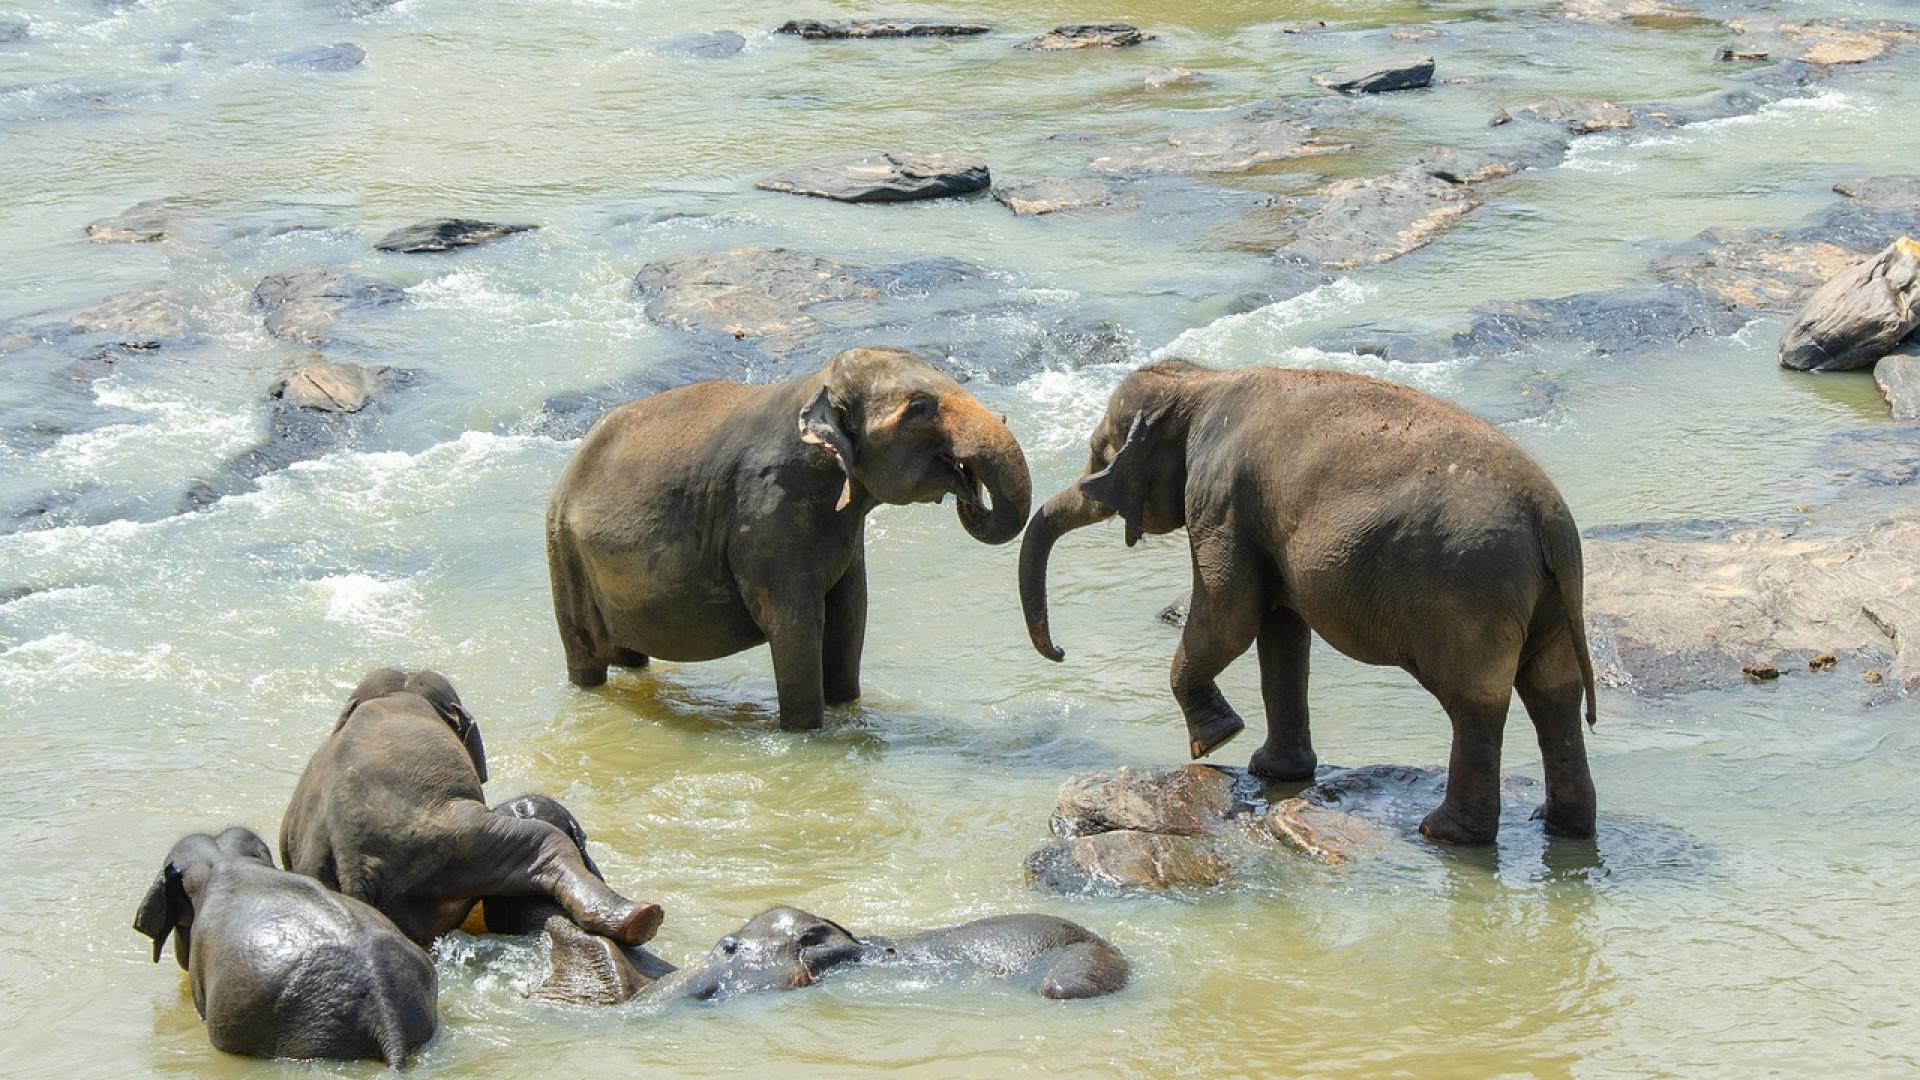 image Le Sri Lanka, une destination asiatique pleine de charme